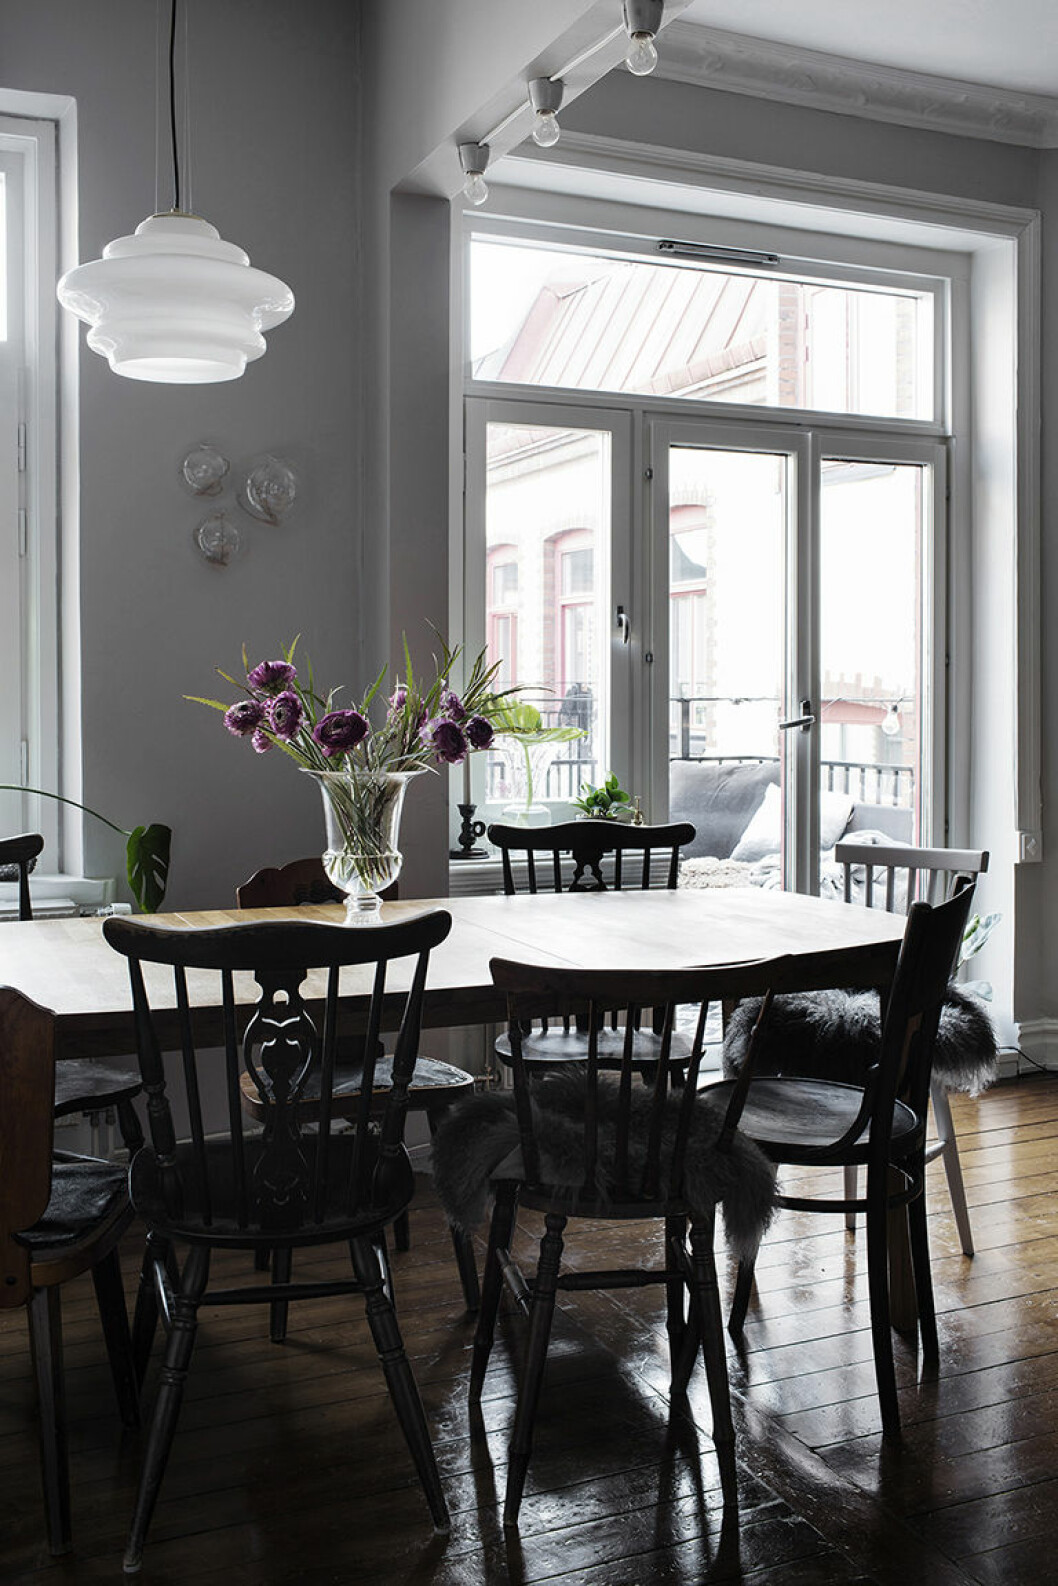 Matplats med rustika stolar runt och en bukett på bordet